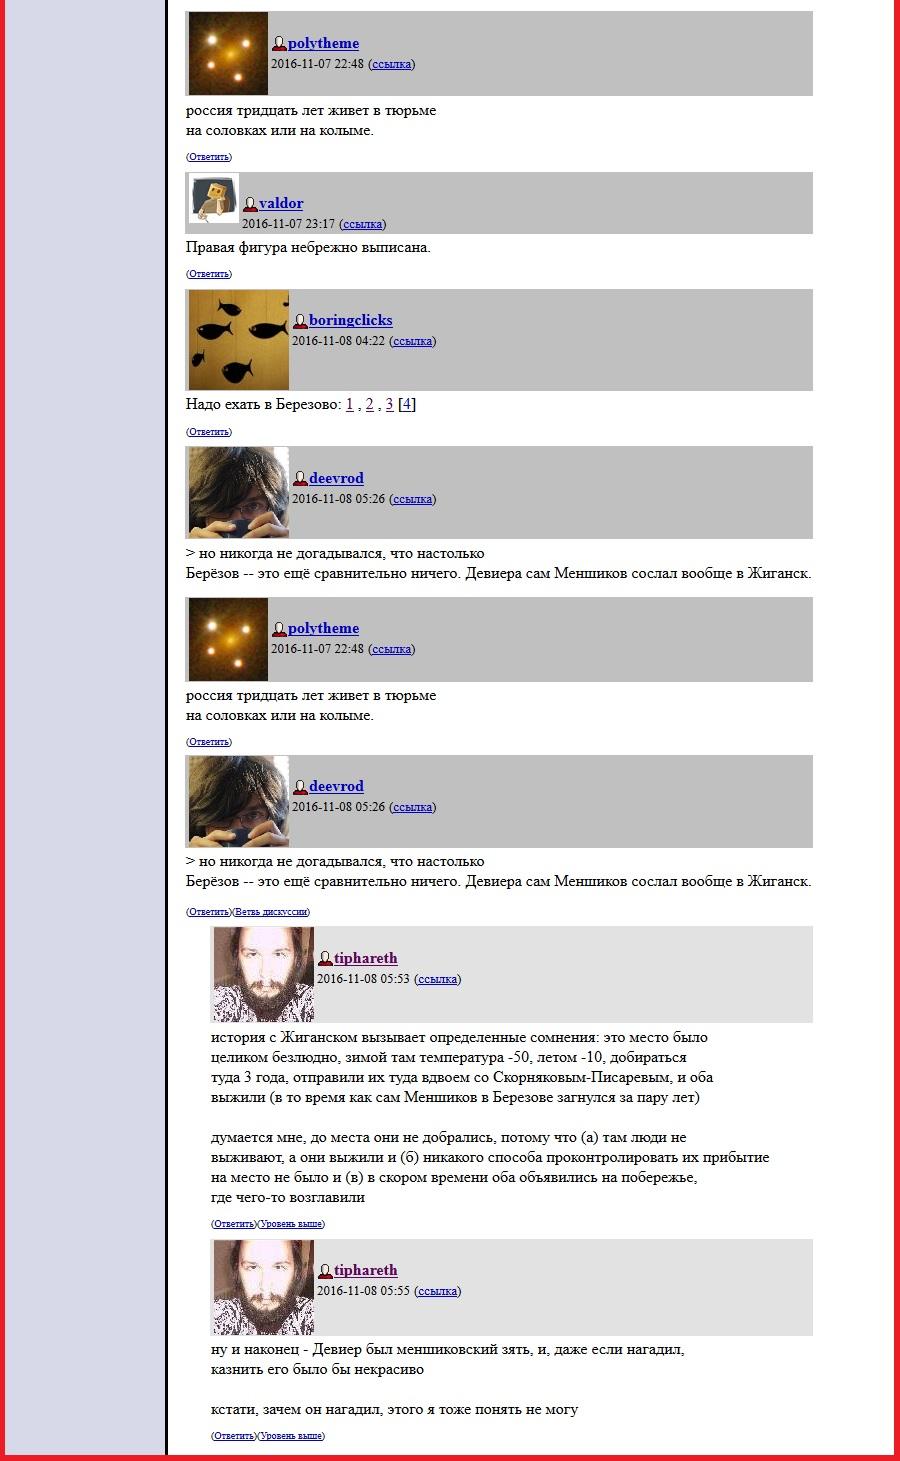 Вербицкий, Девиер, Меншиков, Березово, ЛЖР, Пётр(2, комменты), комментпуб